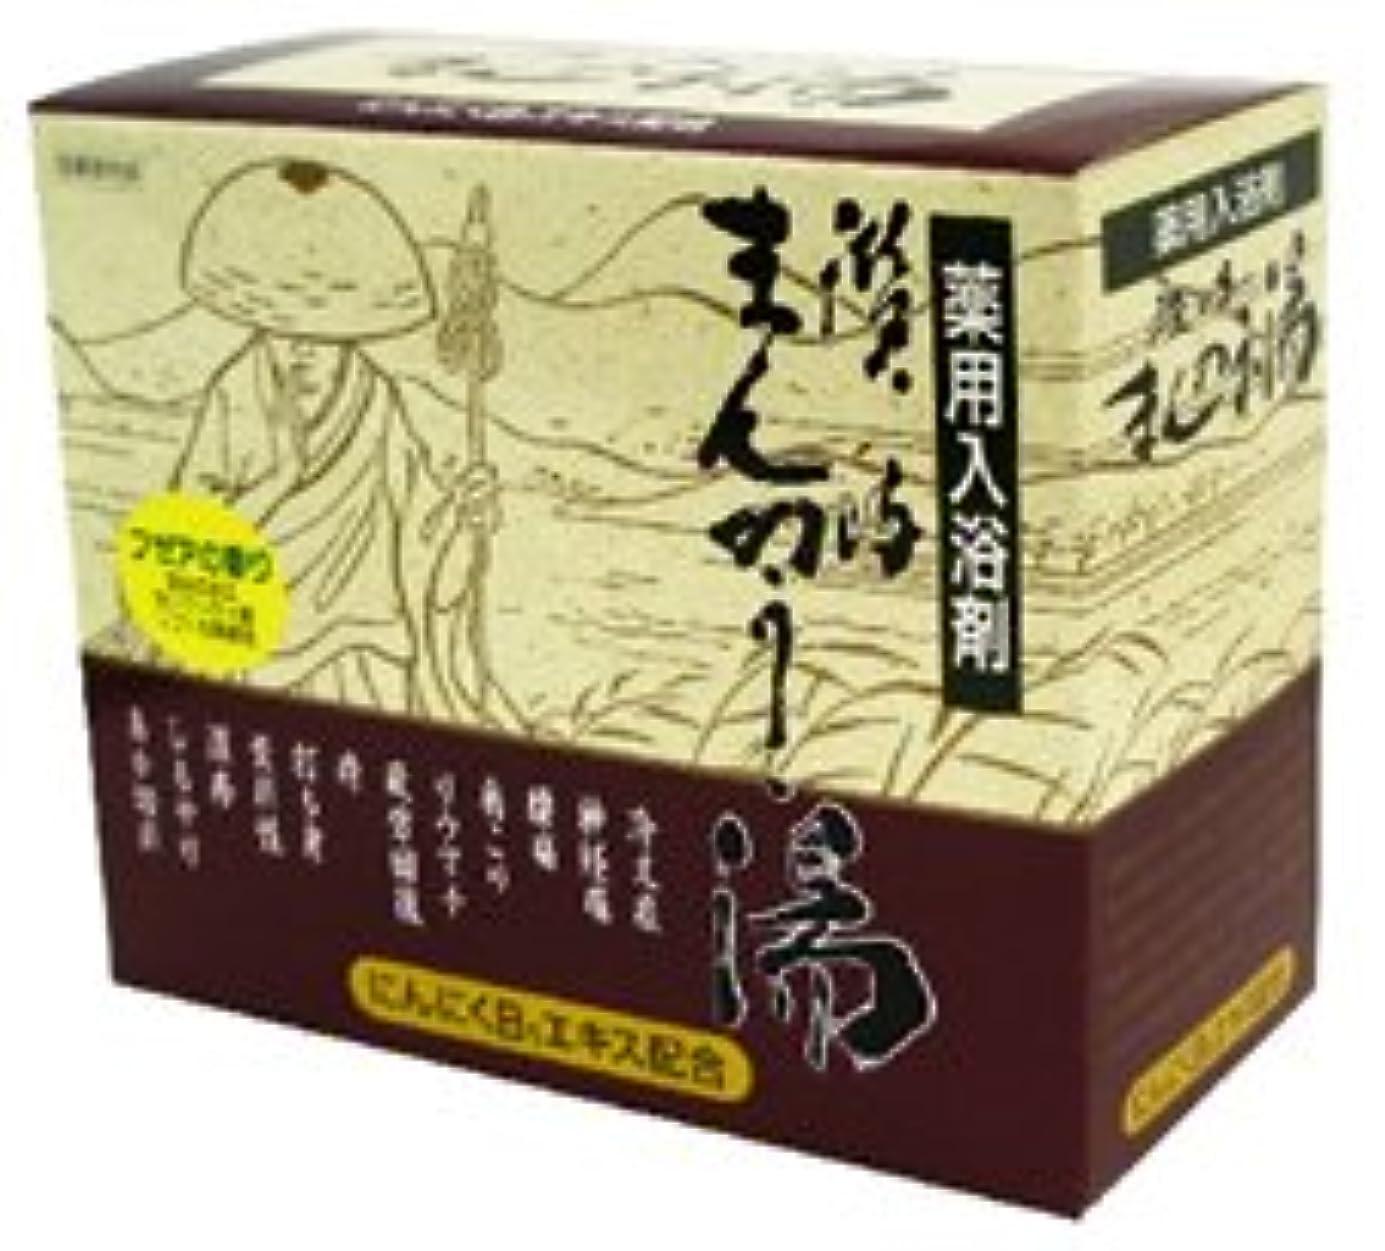 薬用入浴剤 讃岐まんのう湯 30g×20包×3箱セット